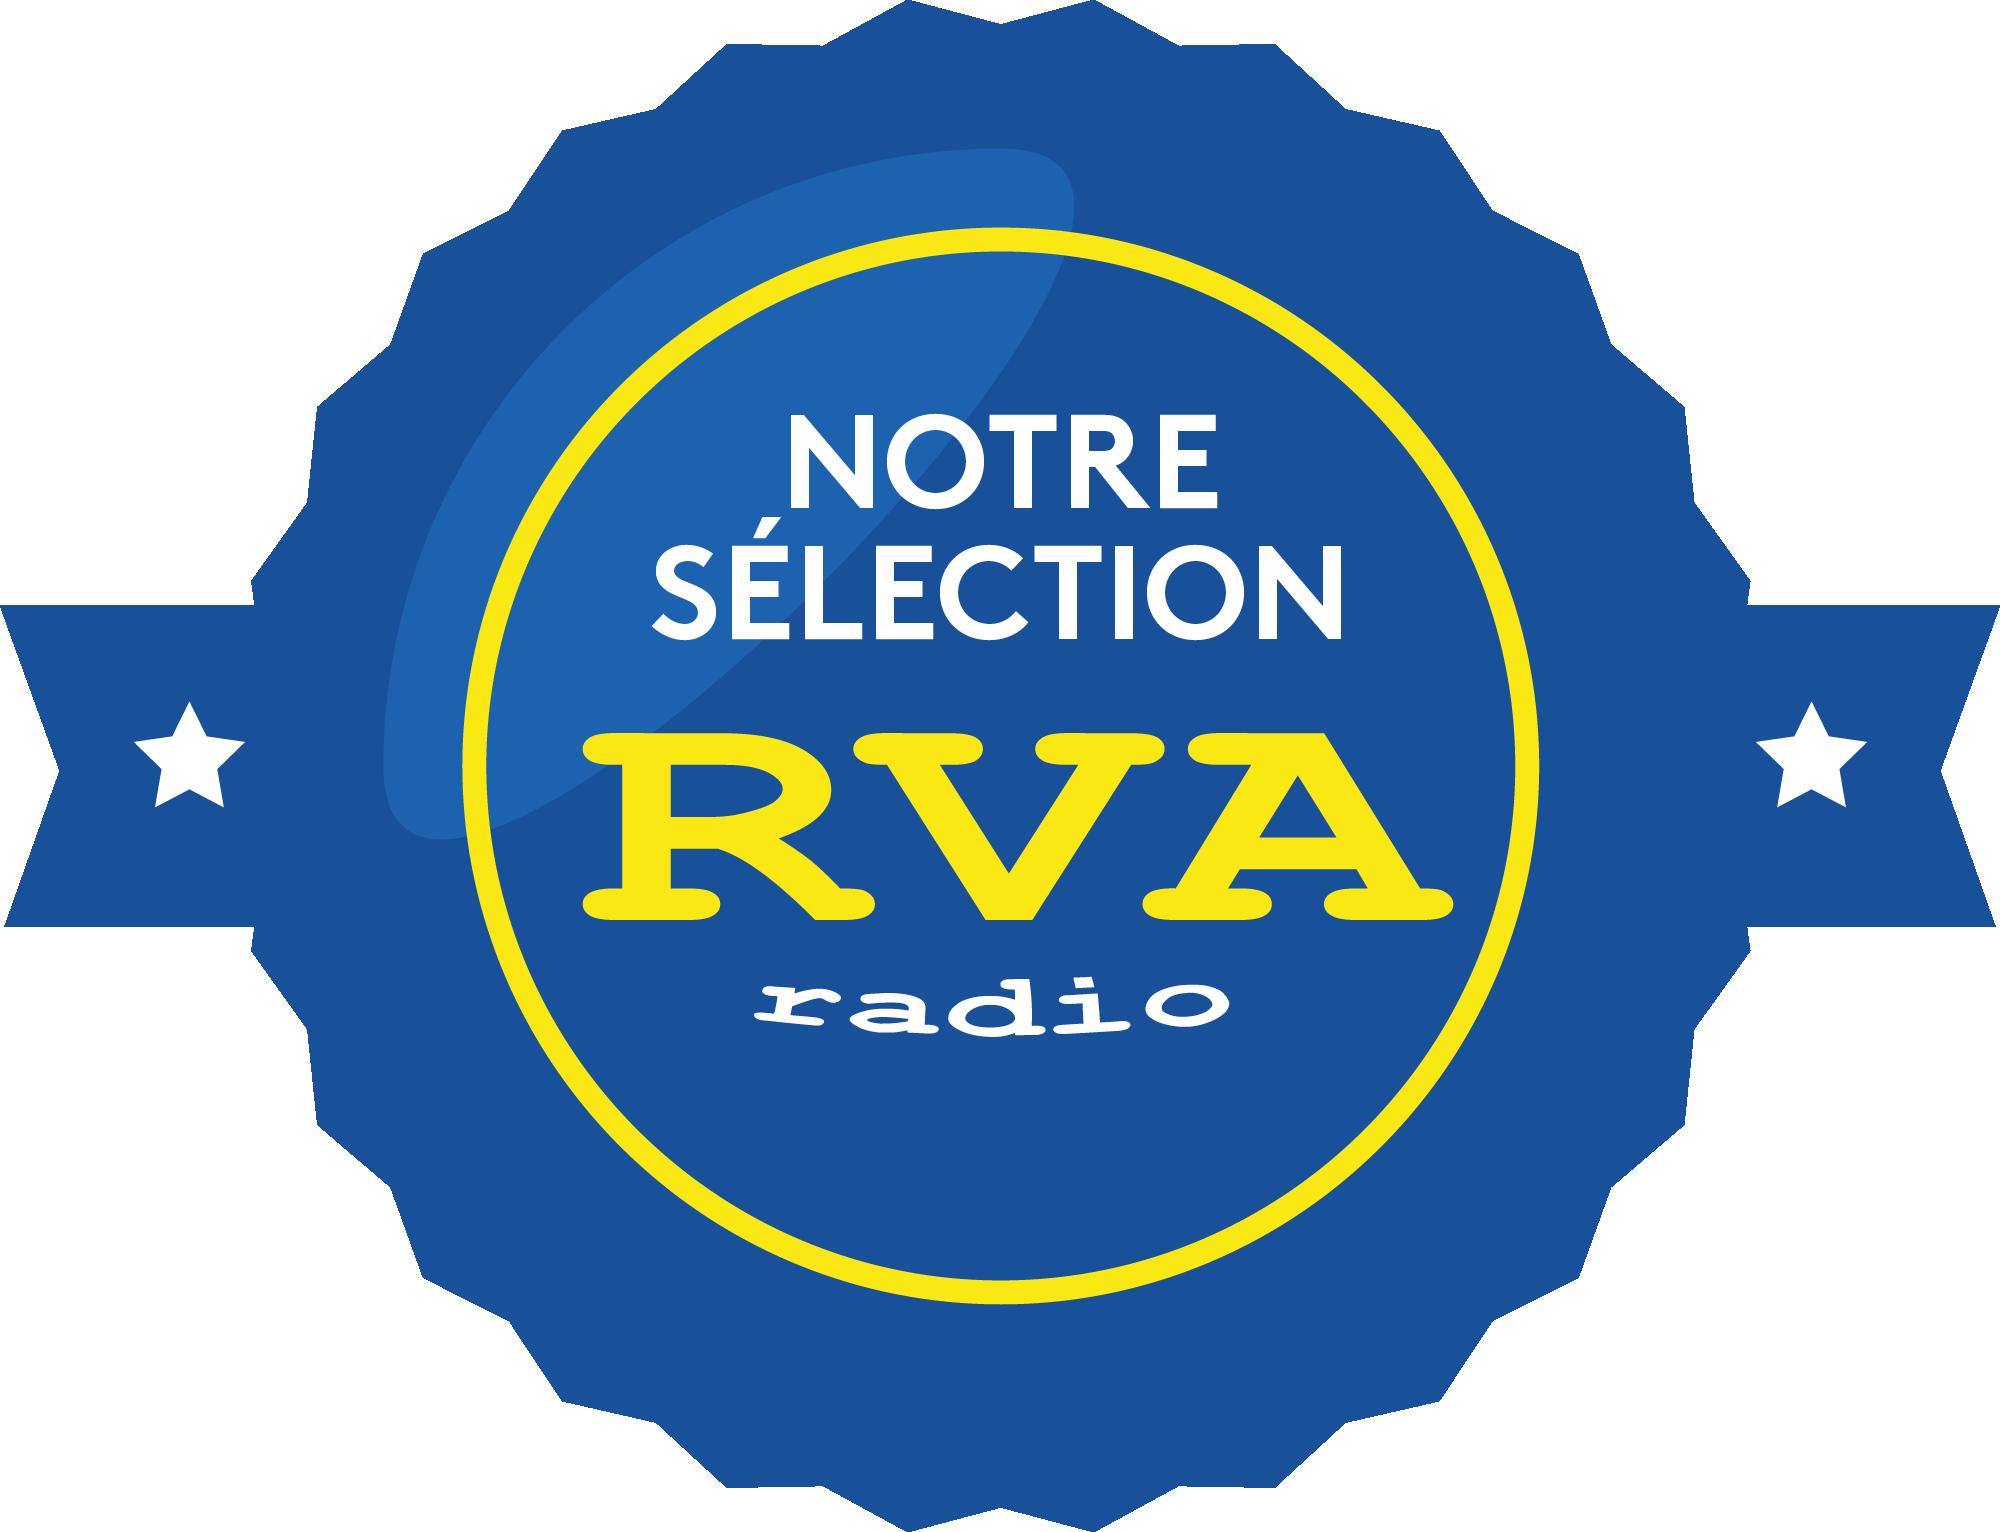 Notre sélection Radio RVA